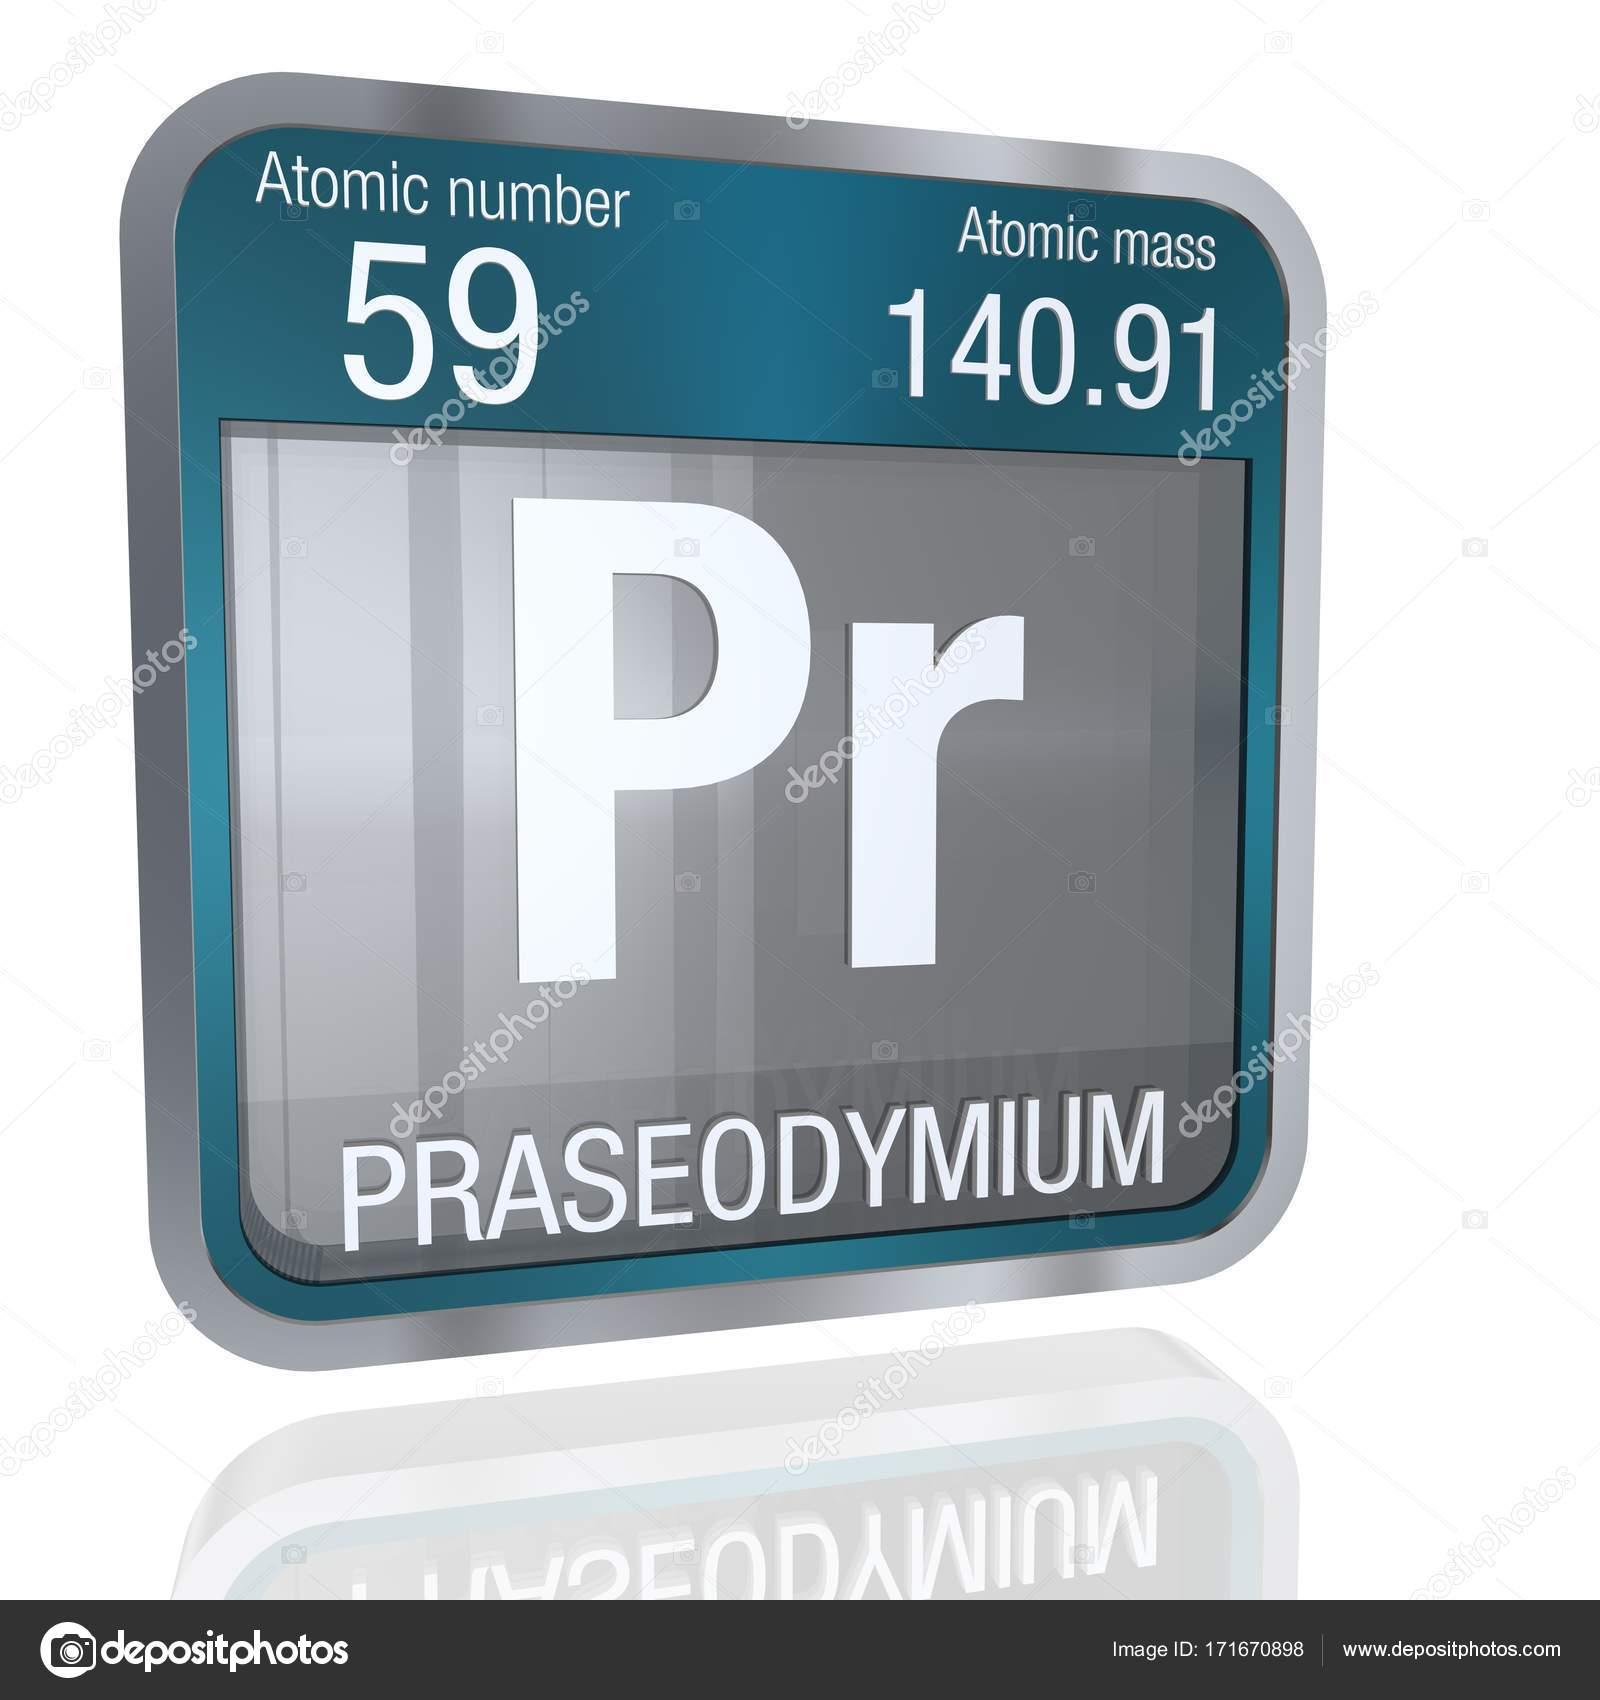 Smbolo del praseodimio en forma cuadrada con borde metlico y fondo 3d render elemento nmero 59 de la tabla peridica de los elementos qumica foto de alejomiranda urtaz Gallery